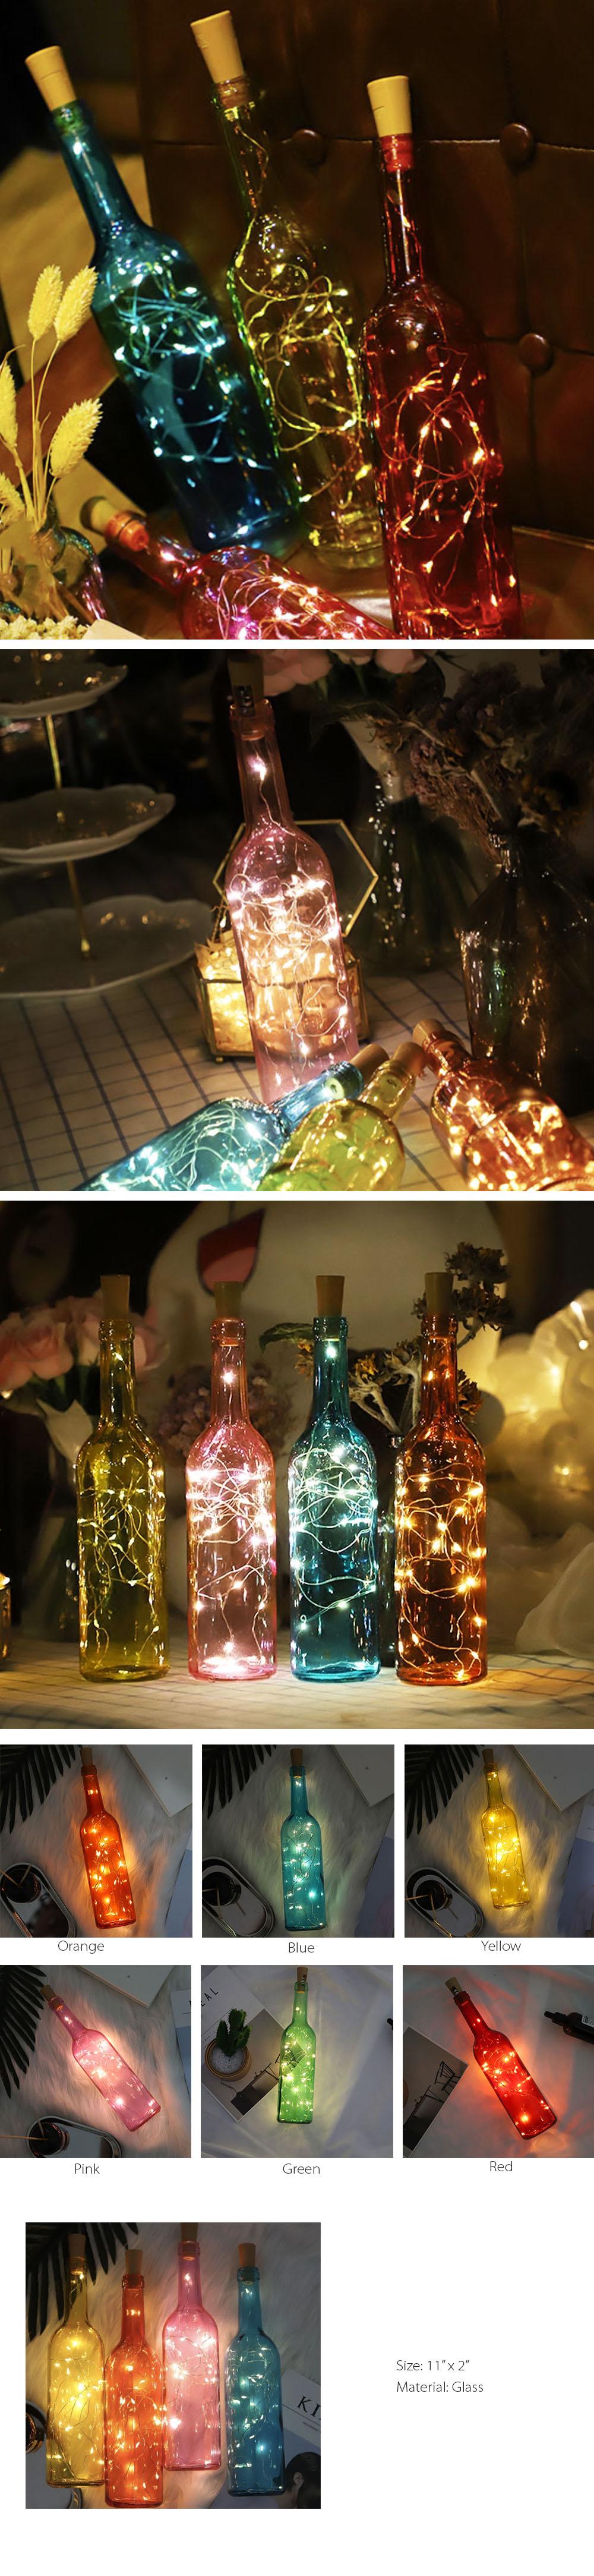 LED Bottle Light Colorful Holiday Decor